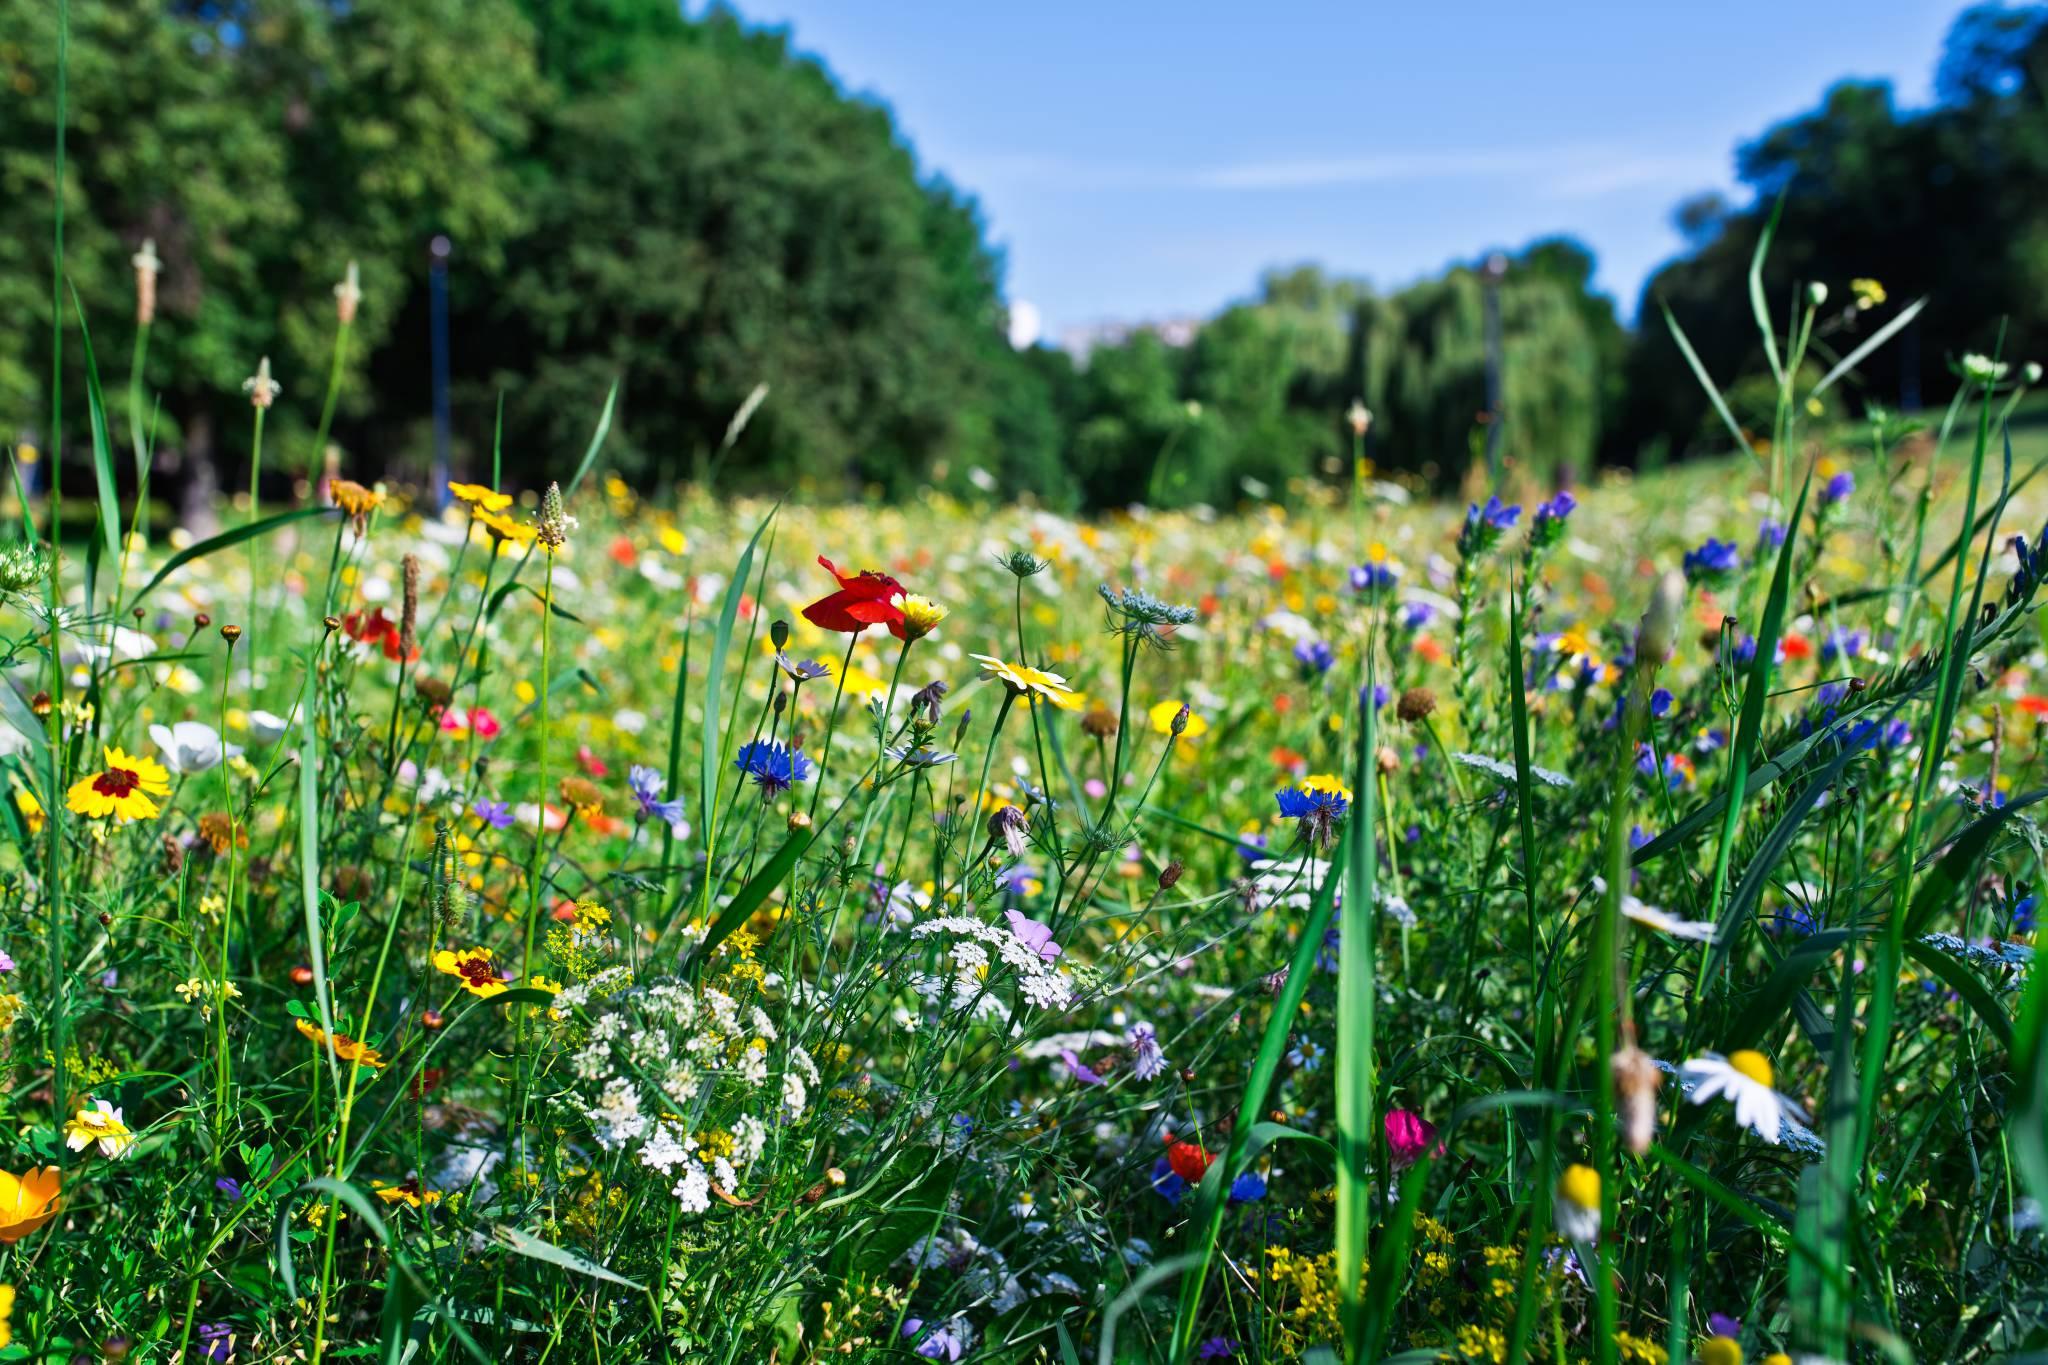 Łąki w miastach - kwiaty zamiast betonu